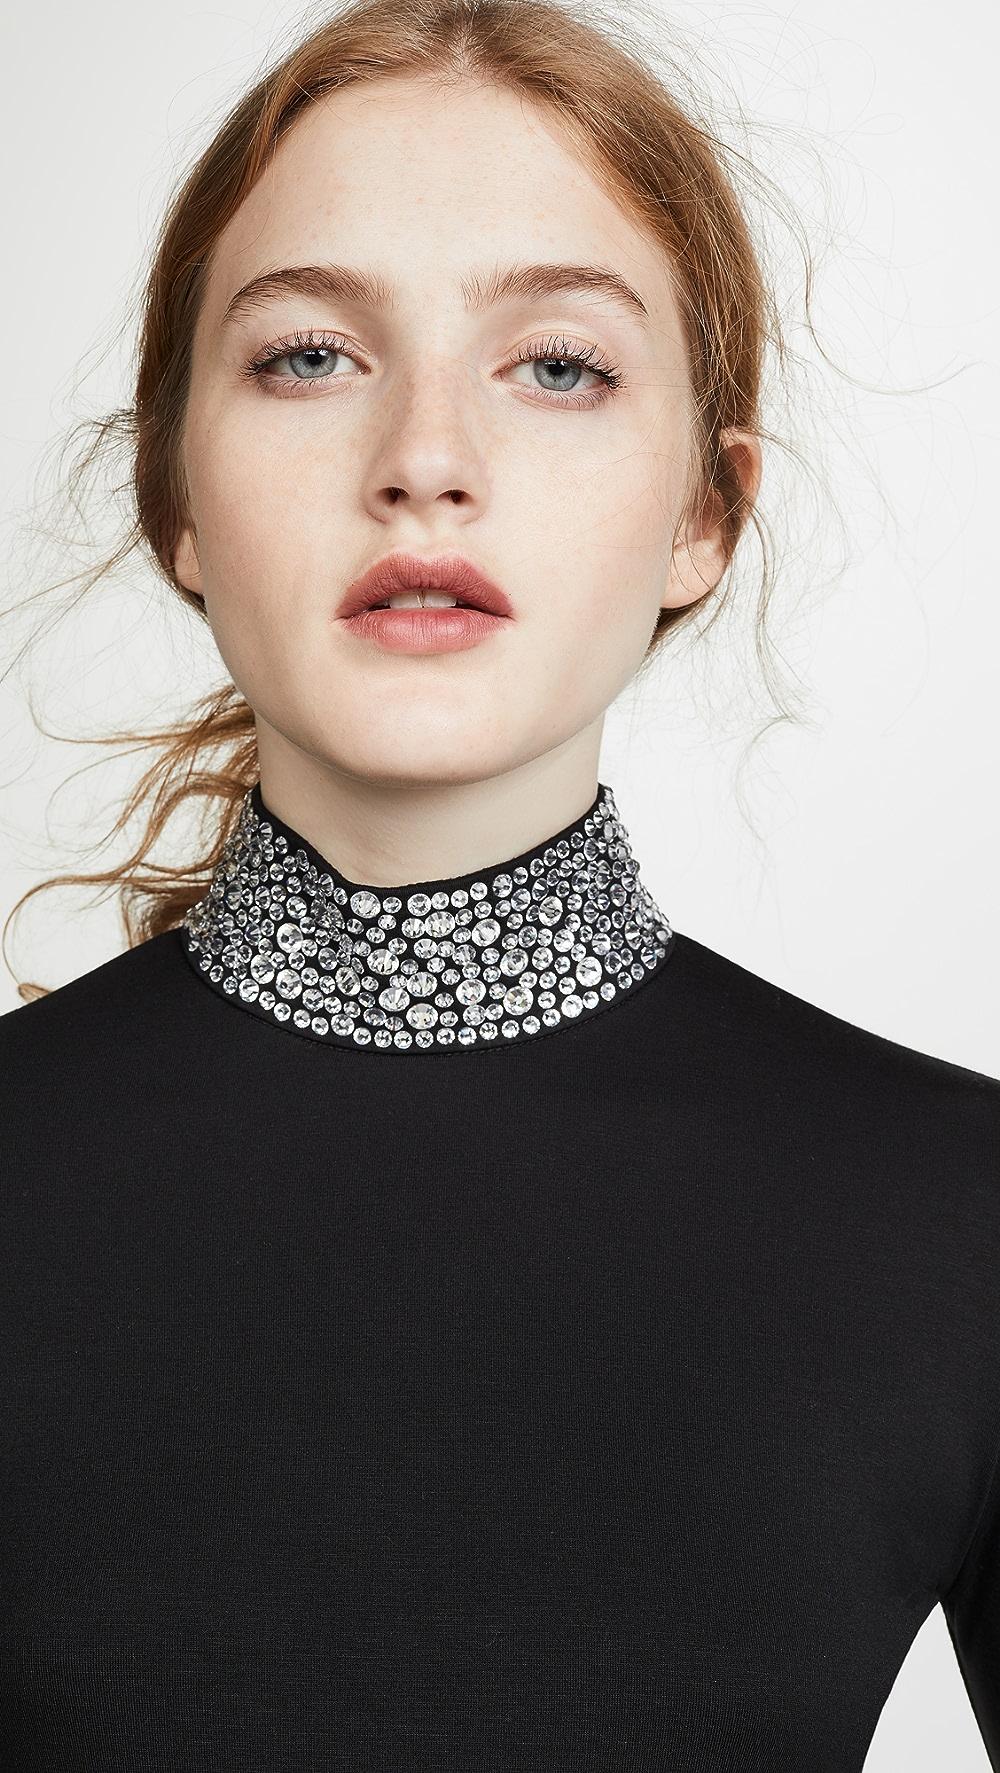 100% True L'agence - Mya Embellished Mock Neck Top Elegant Shape